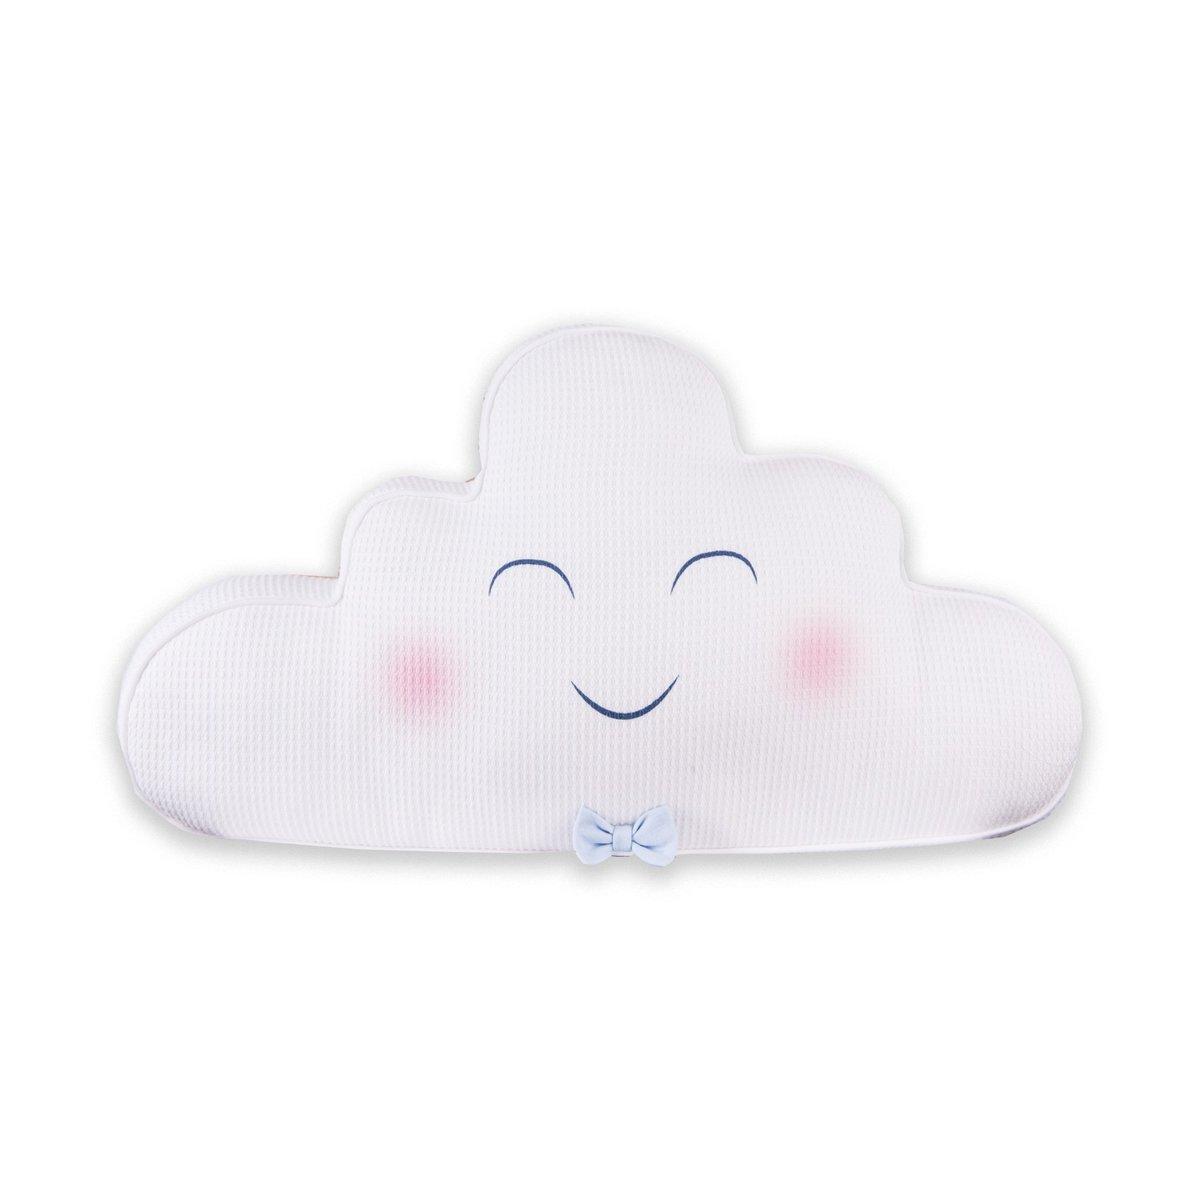 有機棉枕頭-雲 (細瑪藍色)